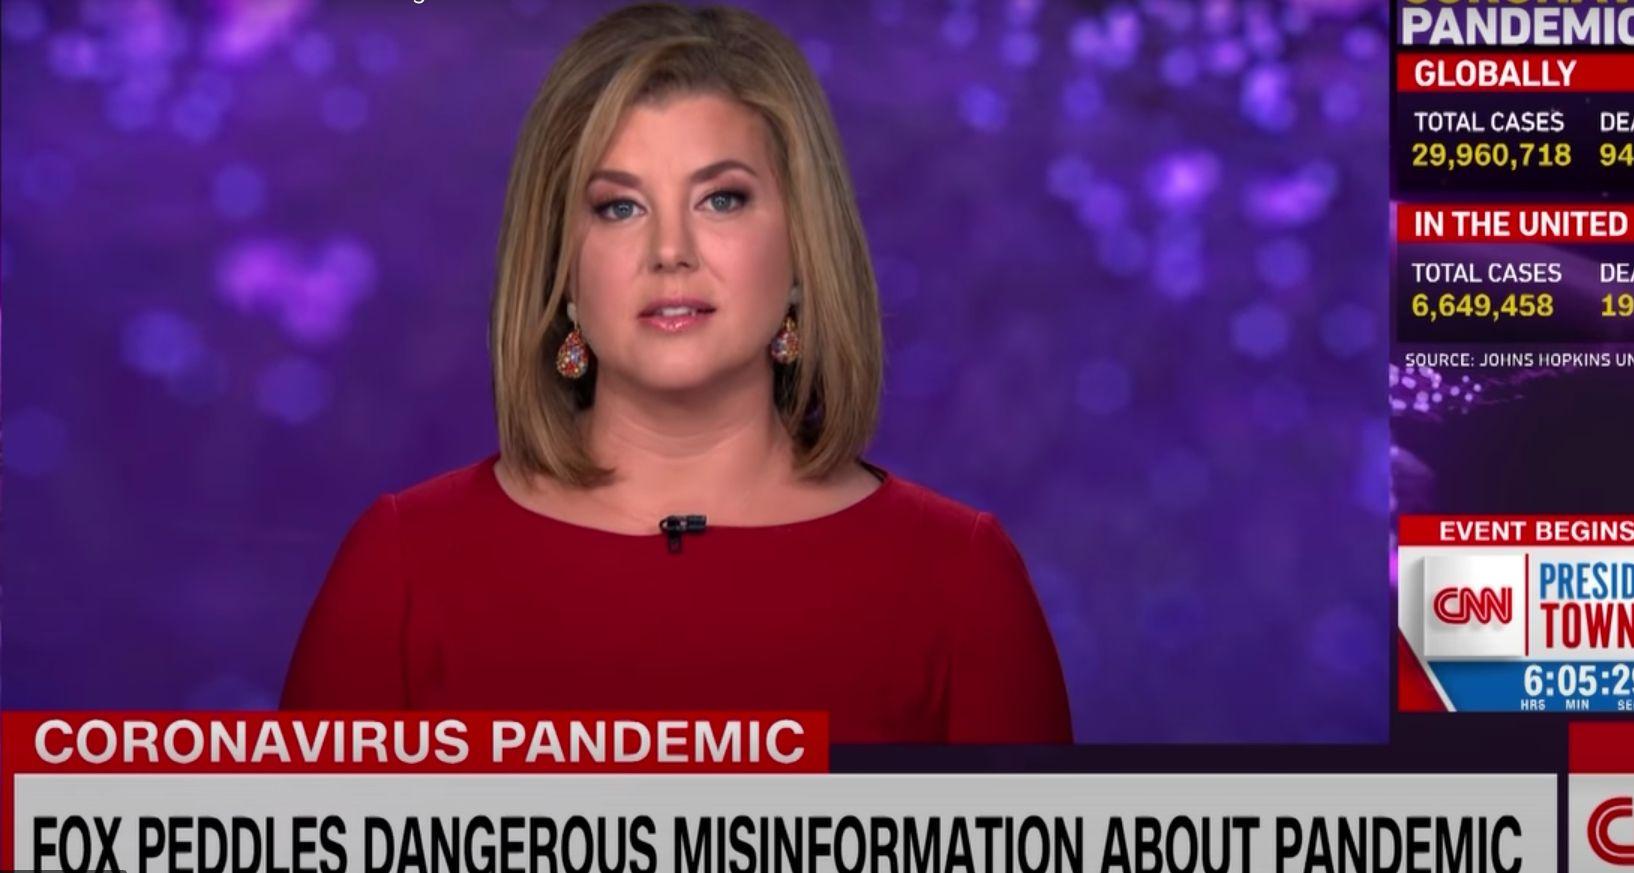 CNN Host Delivers 6-Minute Takedown Of Fox News' Coronavirus Misinformation